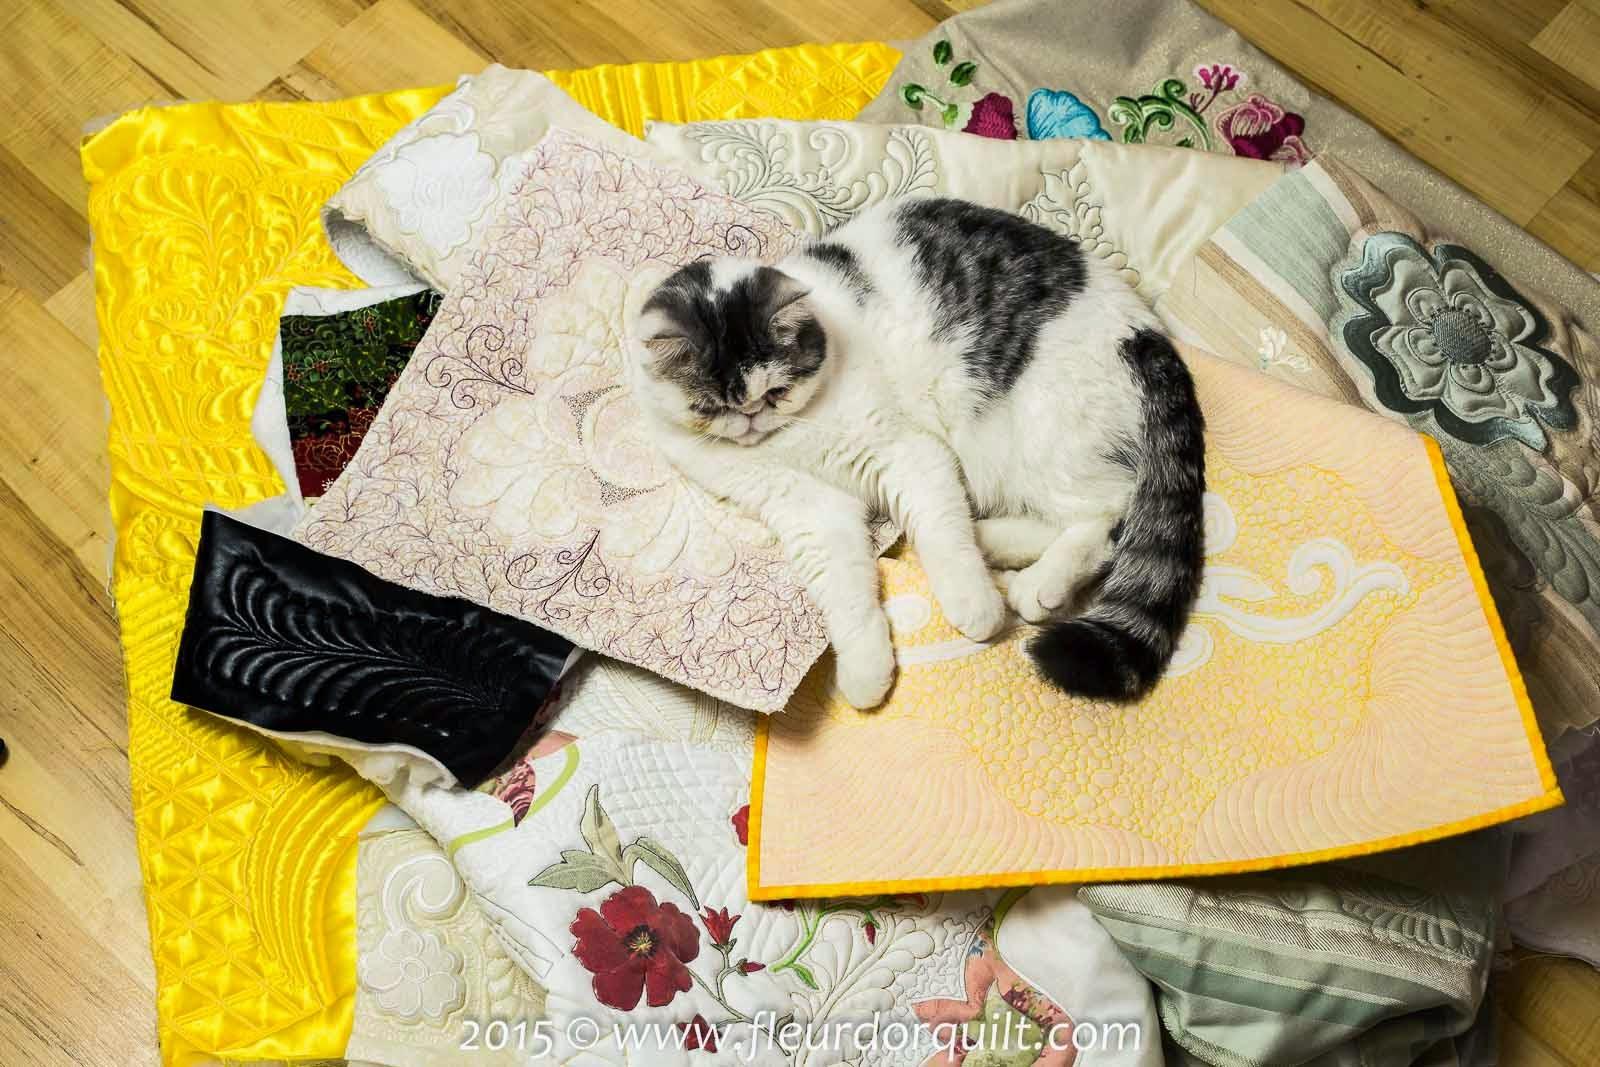 как стирать одеяла, лоскутные одеяла, пэчворк, квилтинг, лоскутное шитье, художественная стежка.